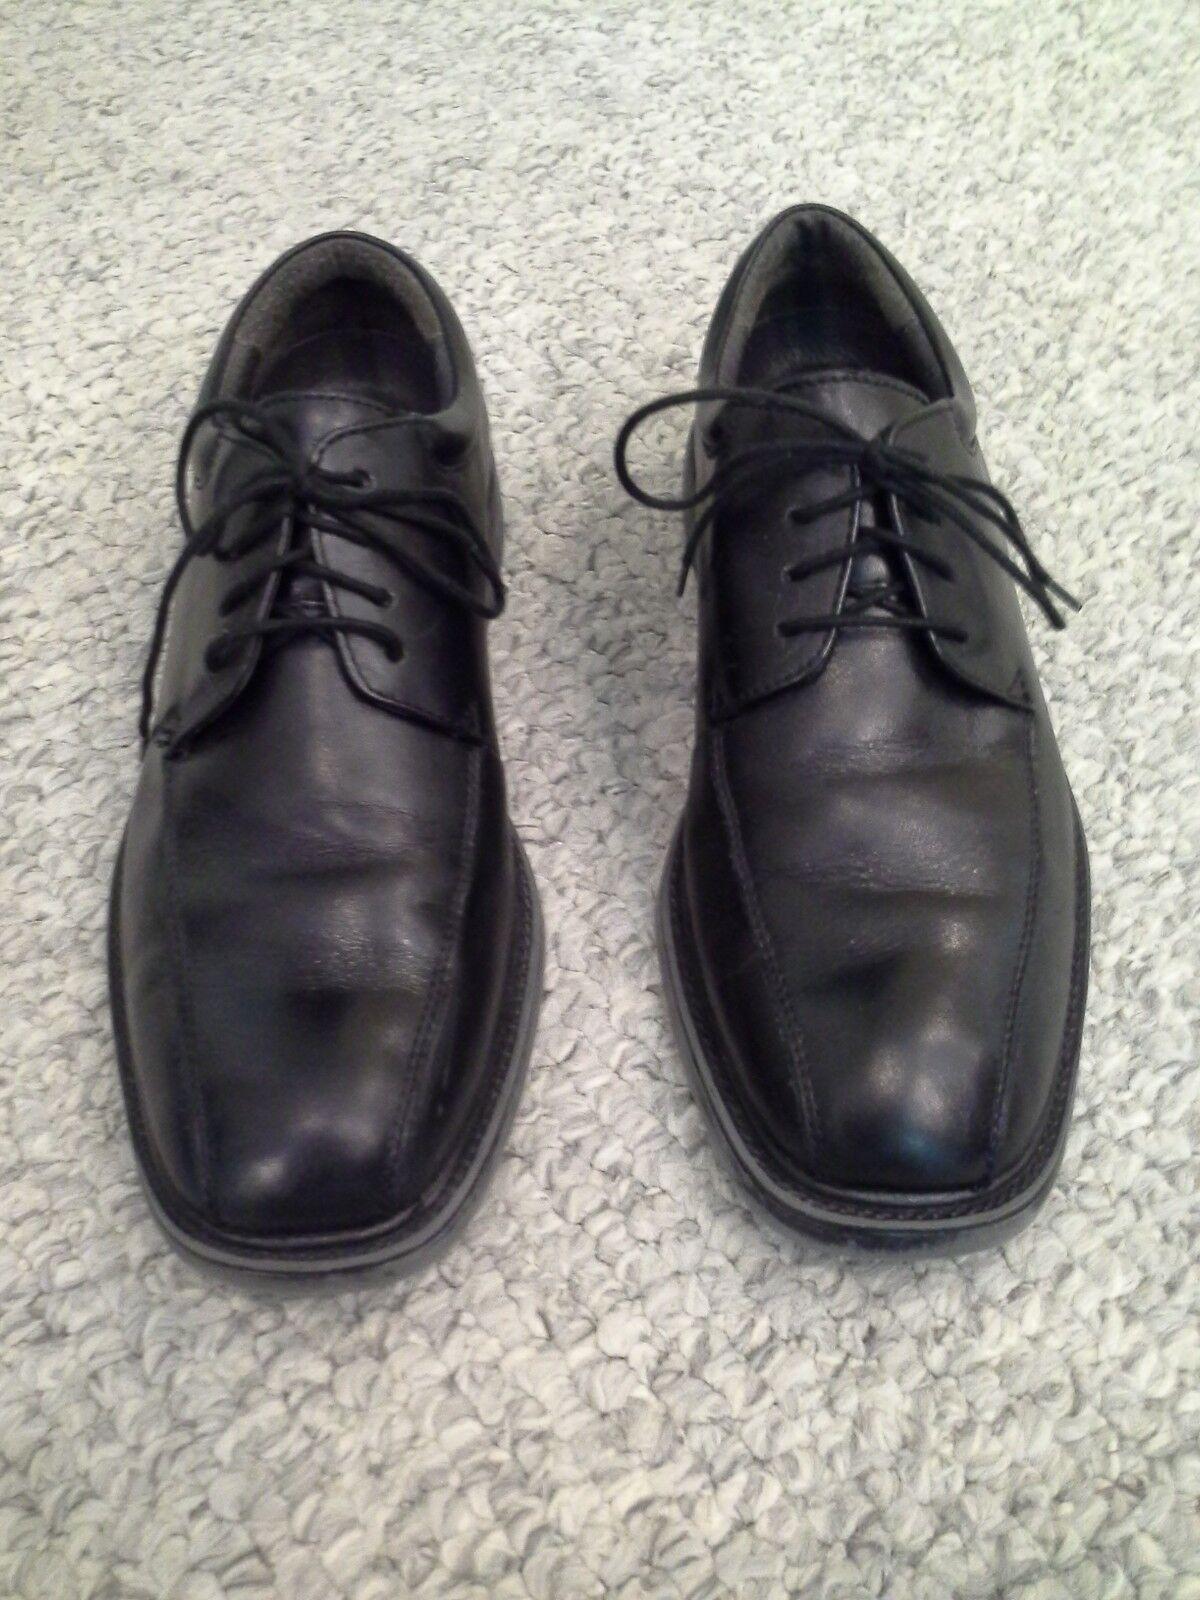 Nunn Bush Dress Oxfords 83364-01 Black, Marcell, Size 7.5 M, Black, 83364-01 EXCELLENT CONDITION d51e9b